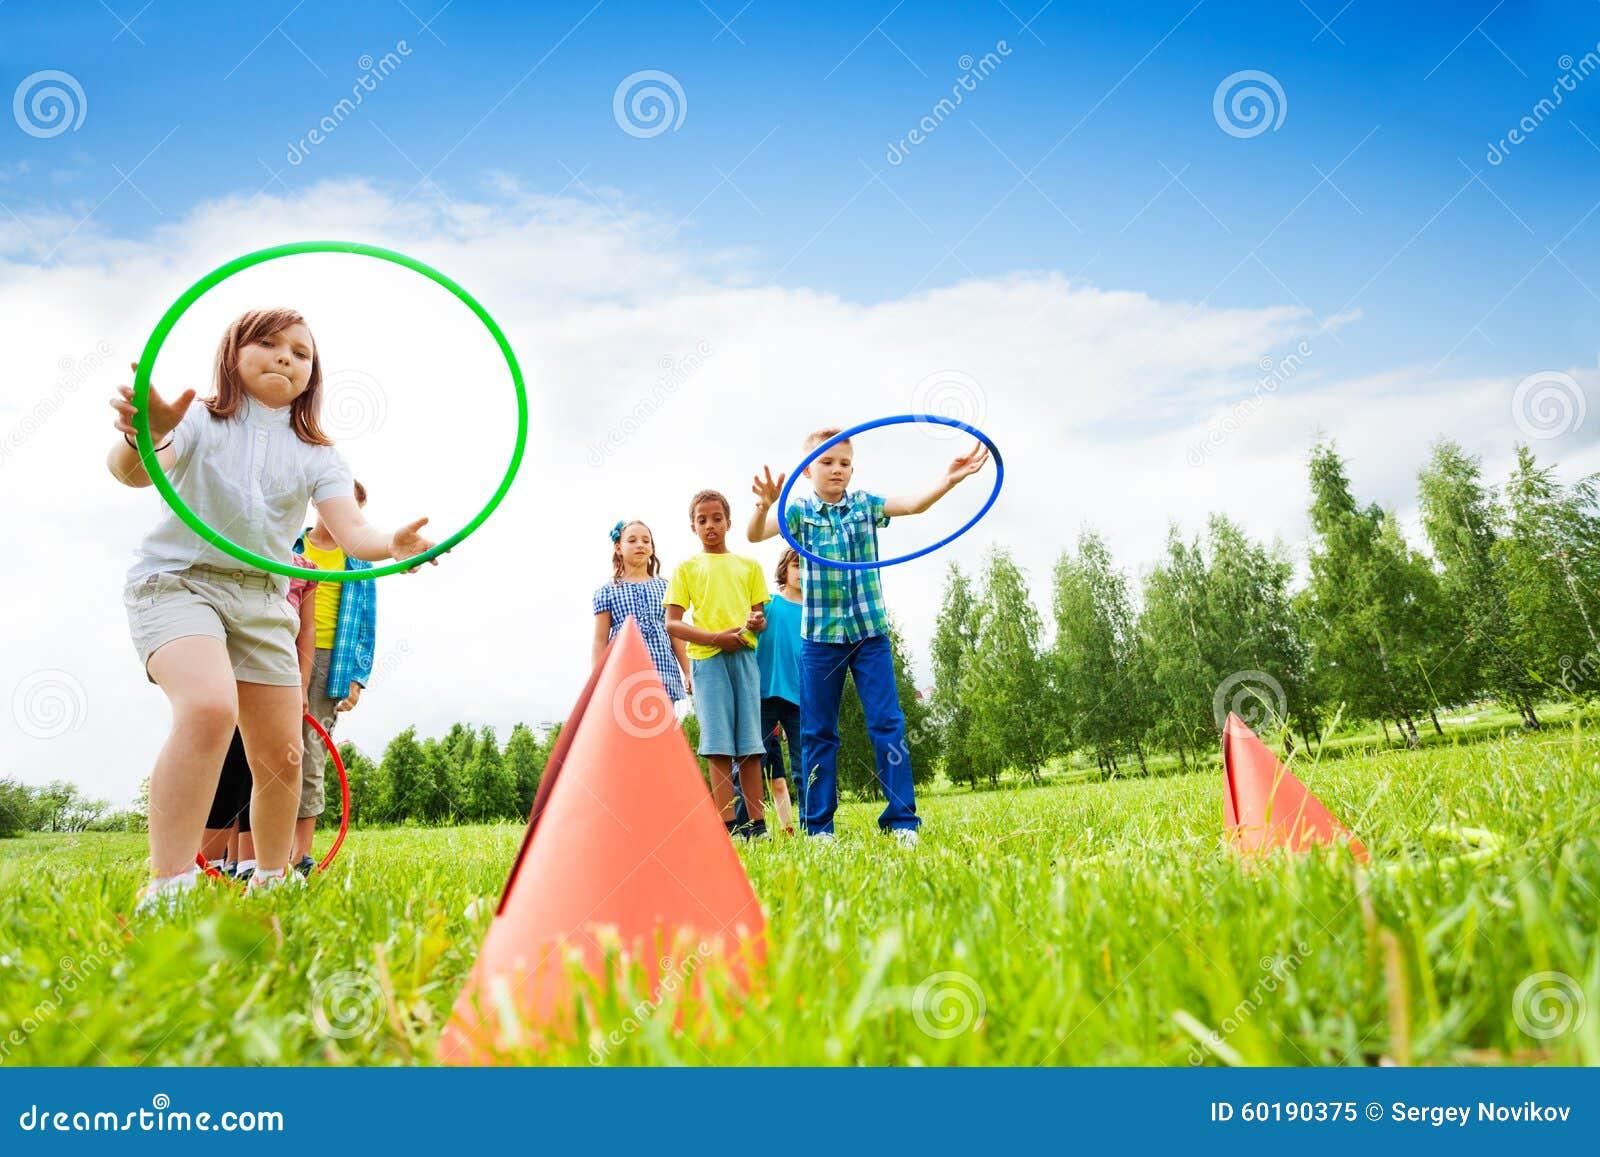 Due gruppi di bambini che giocano con i hula-hoop